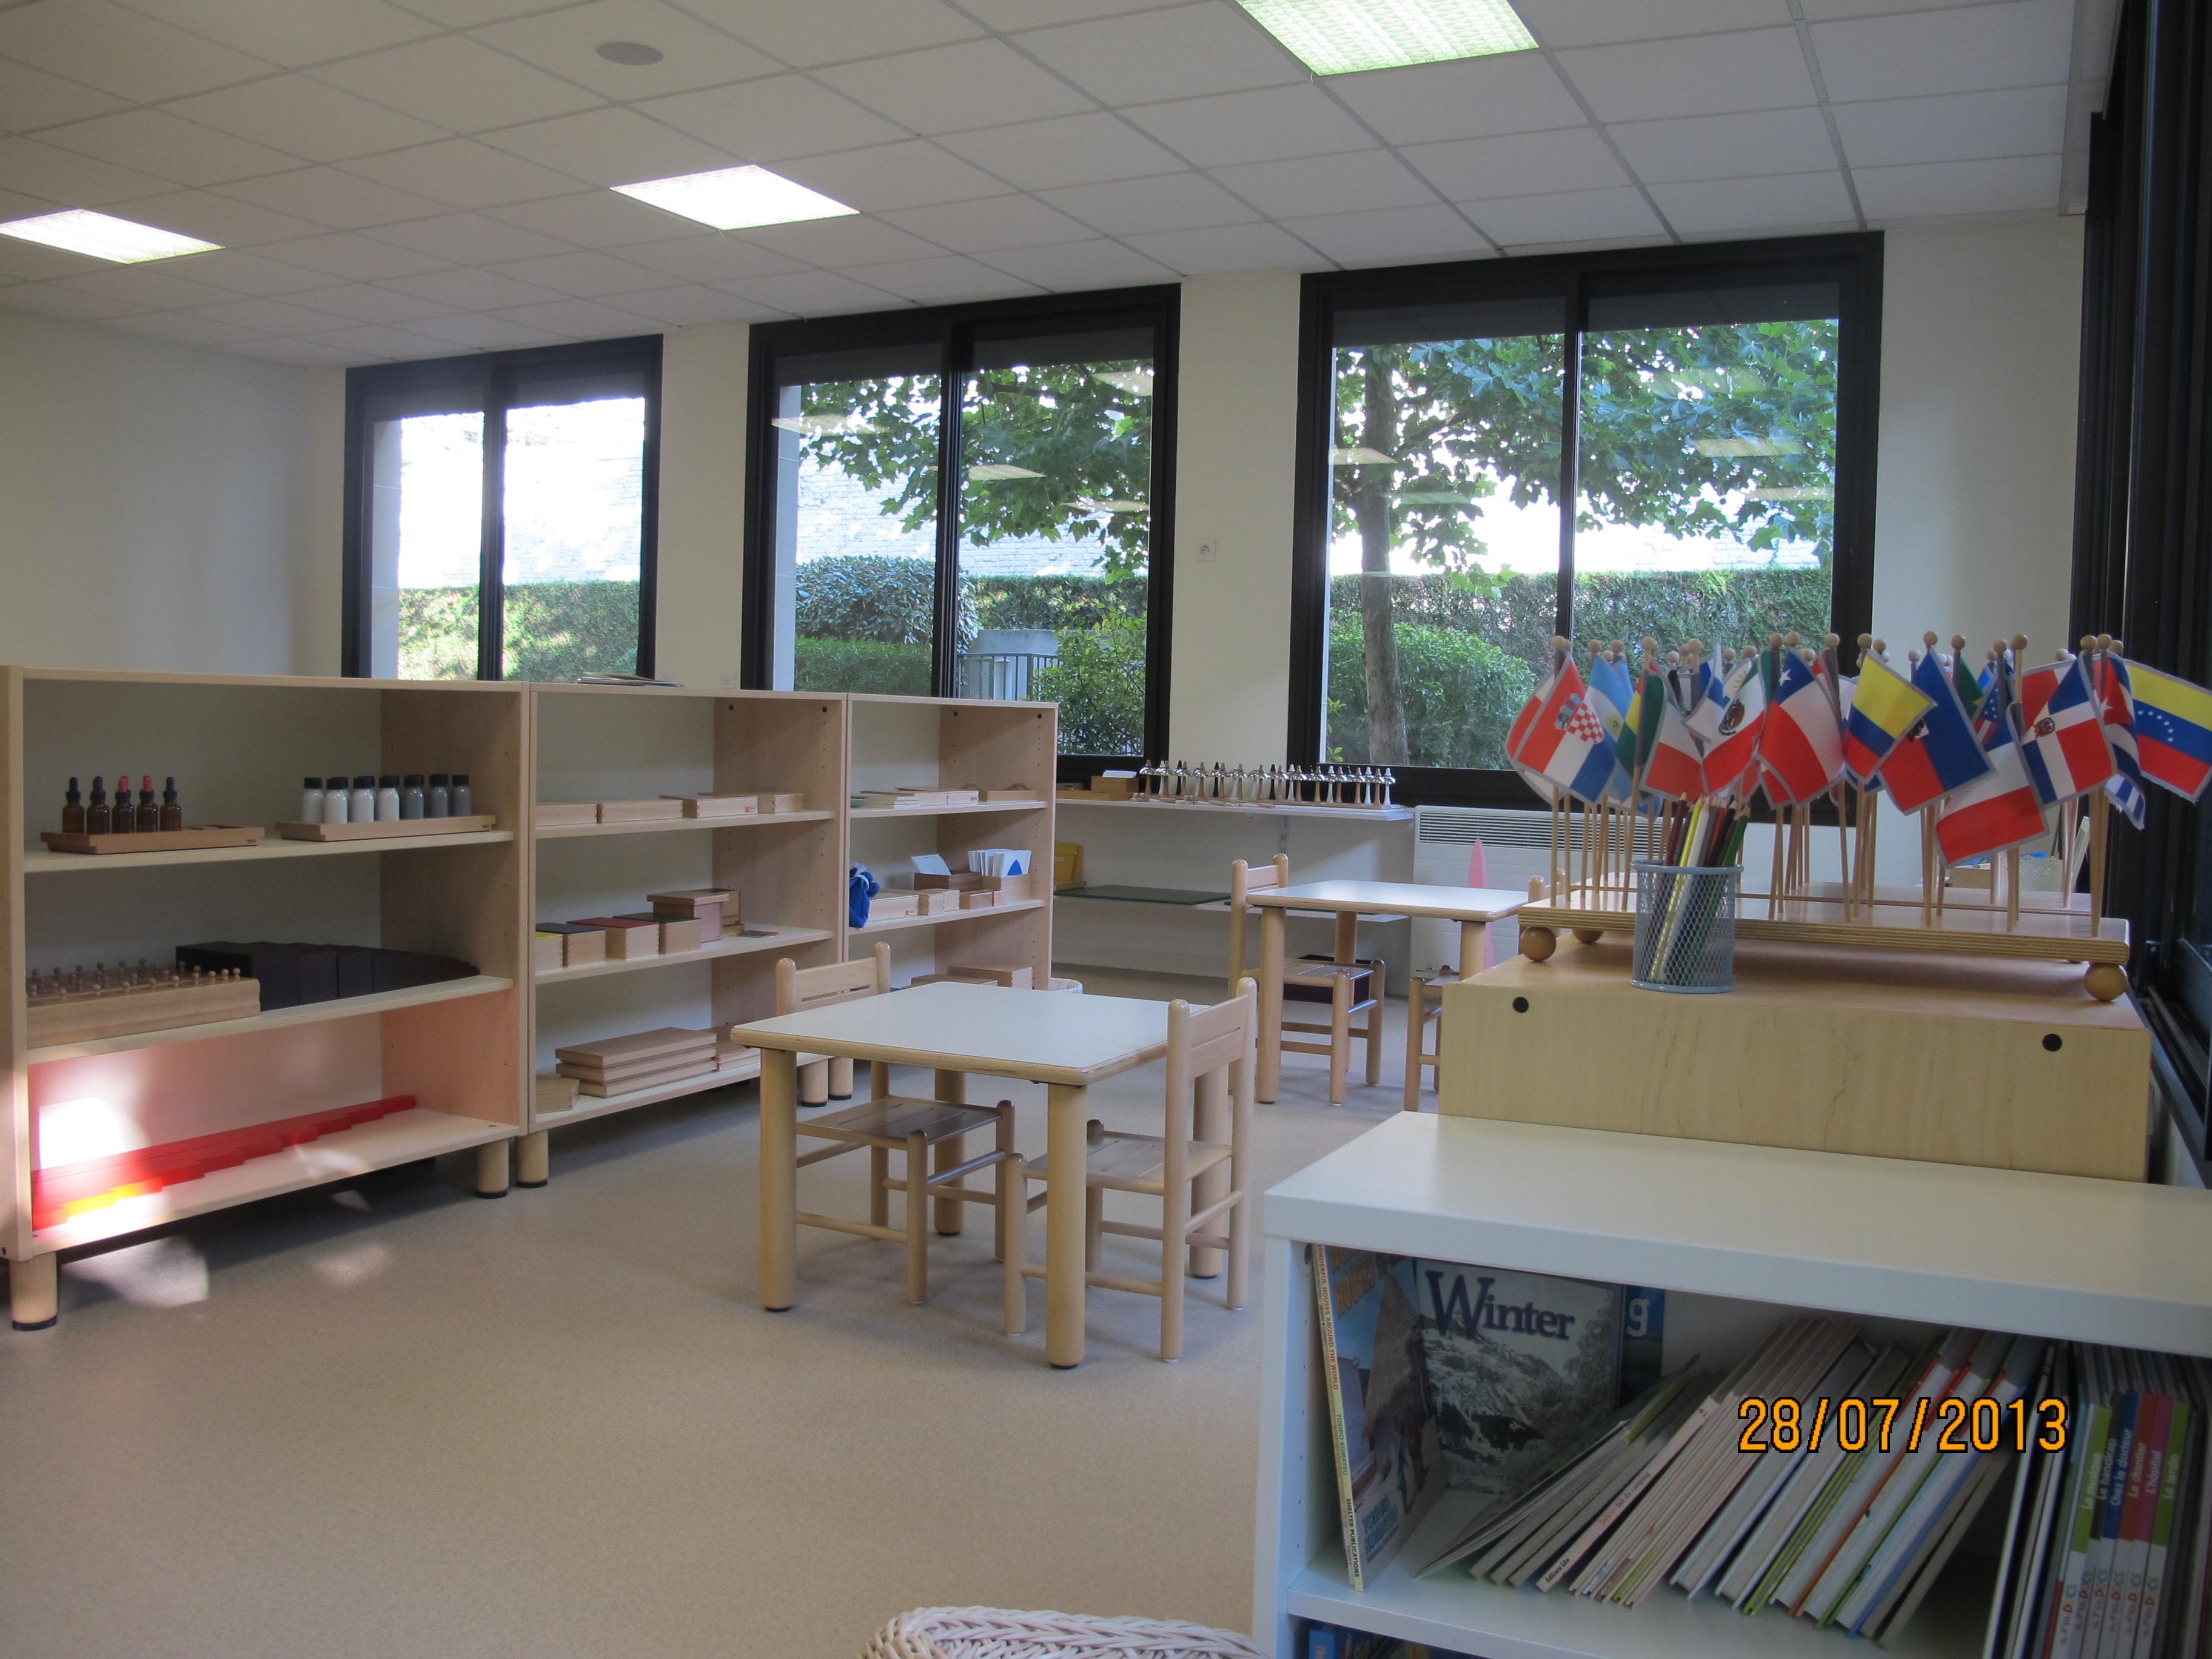 classe 3-6 ans drapeaux et matériel montessori ecole bilingue Beautiful Minds